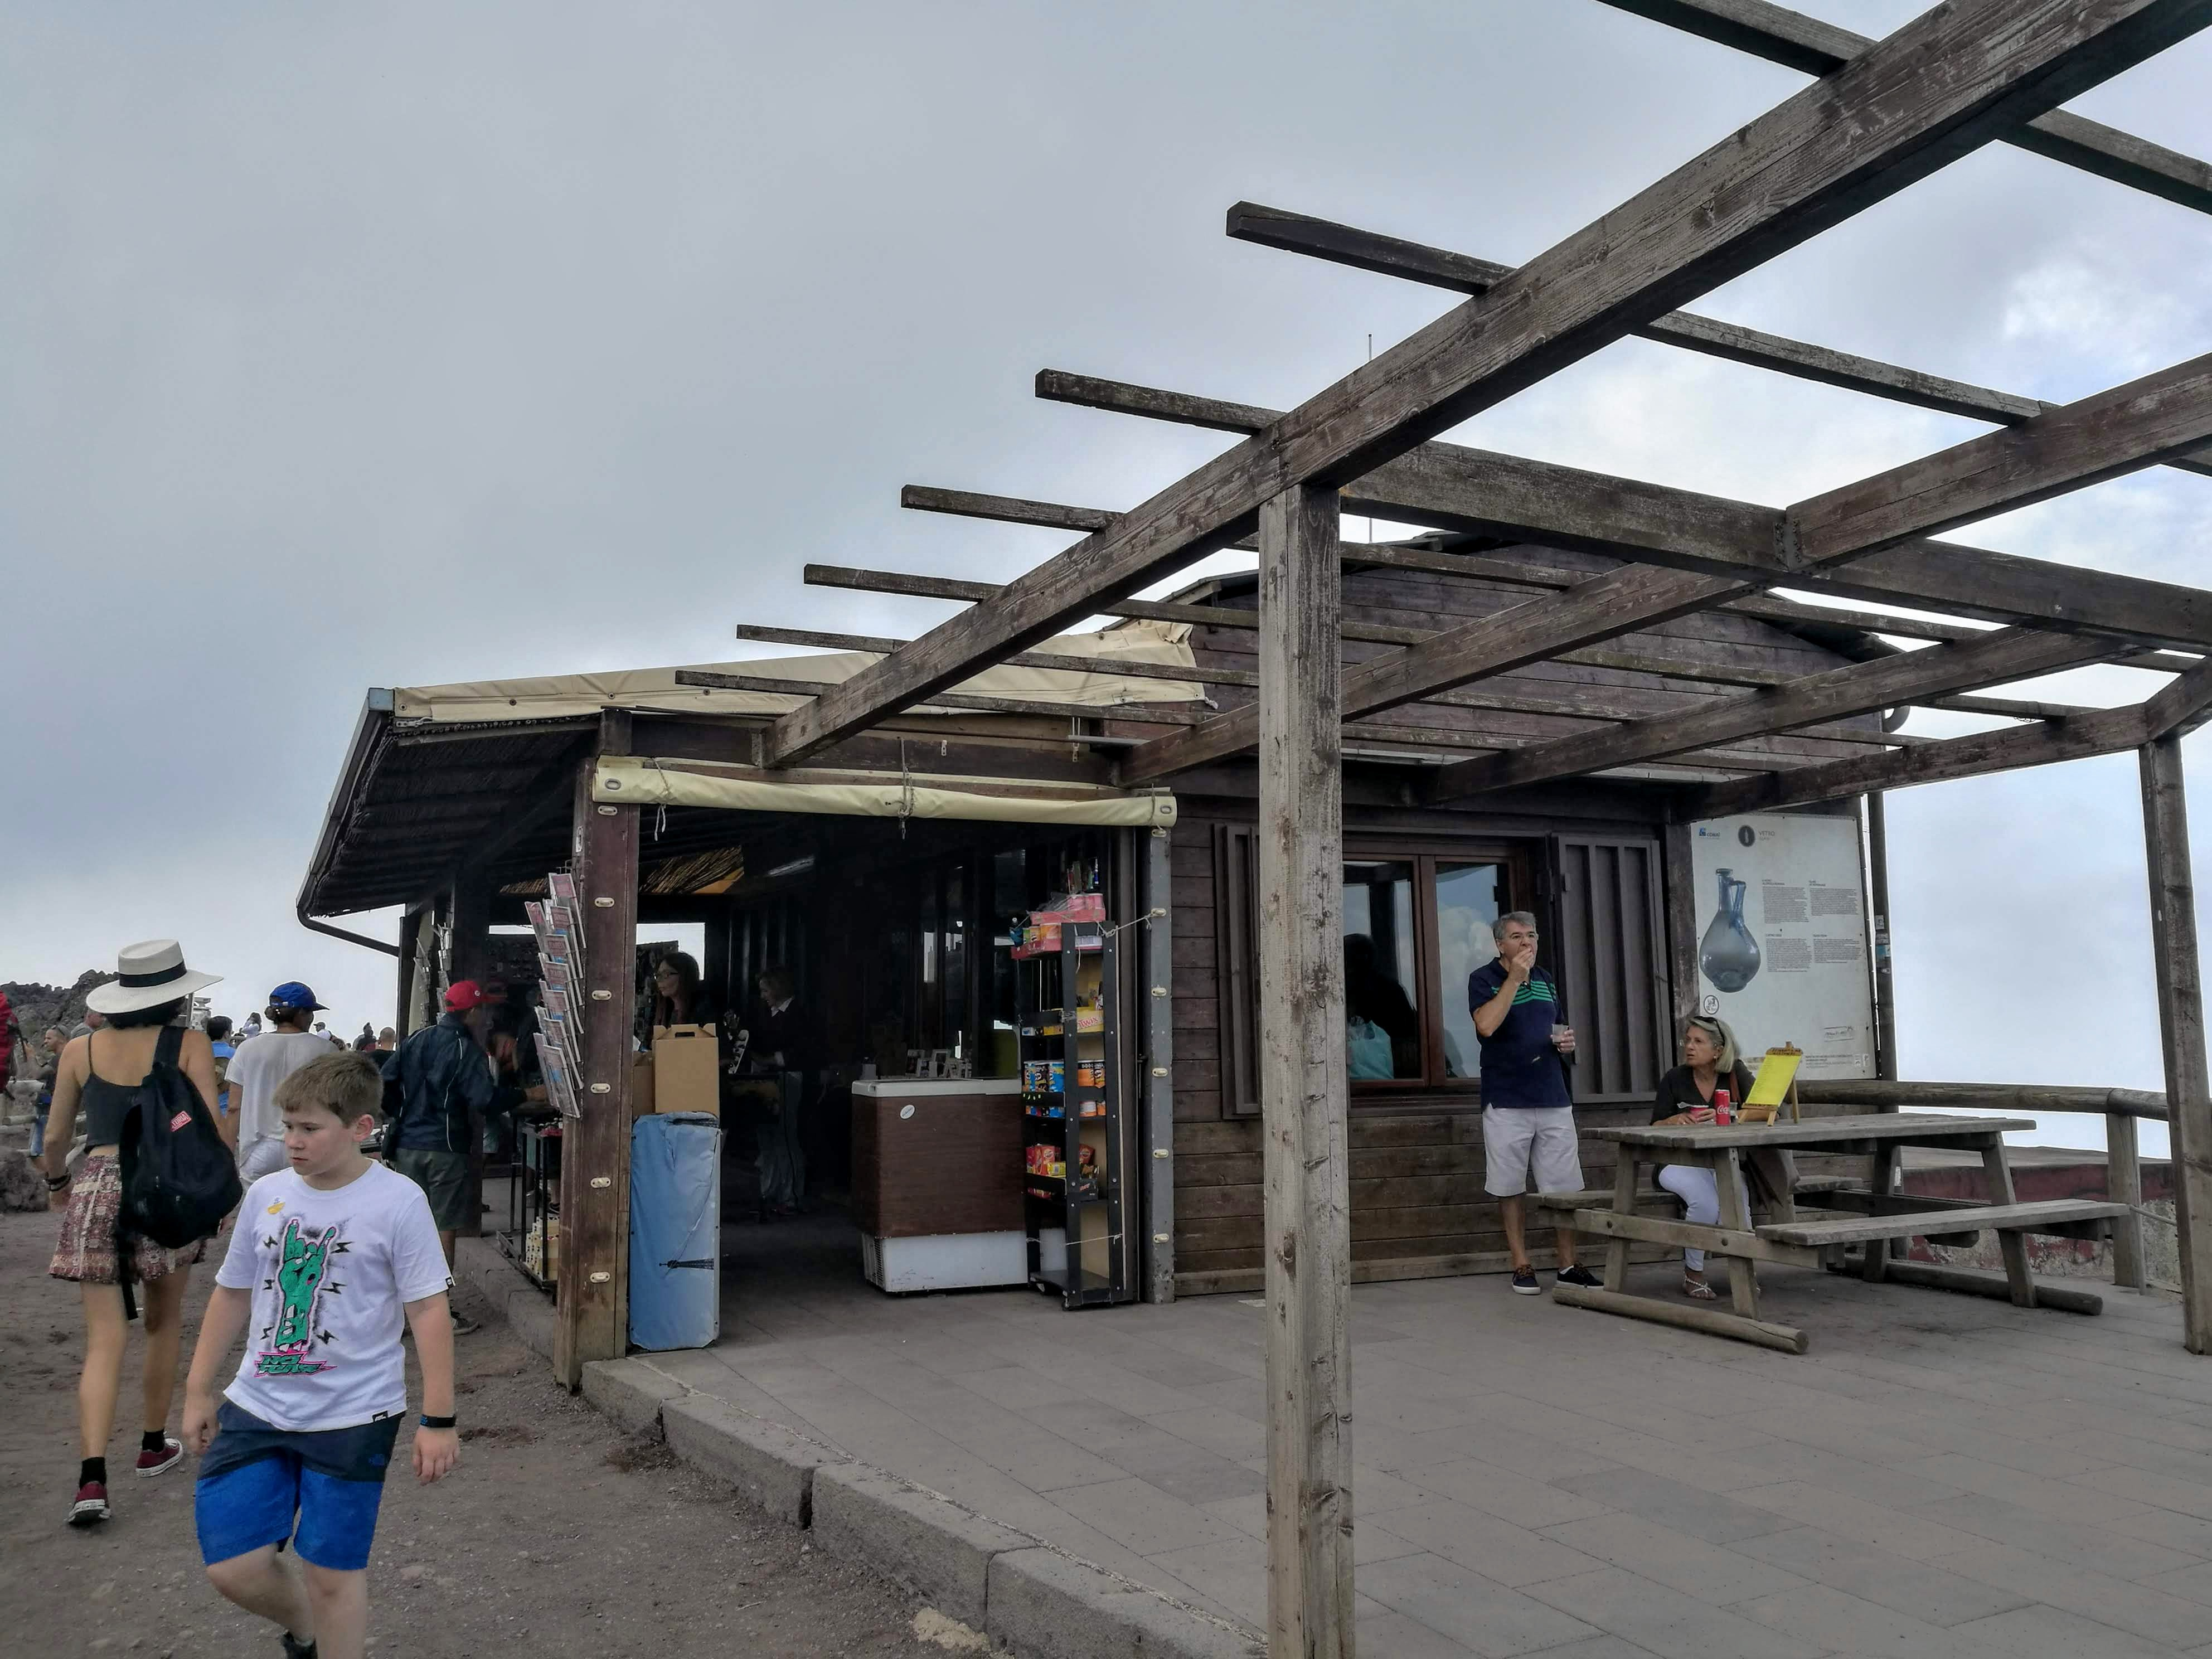 Vesuv - kiosk